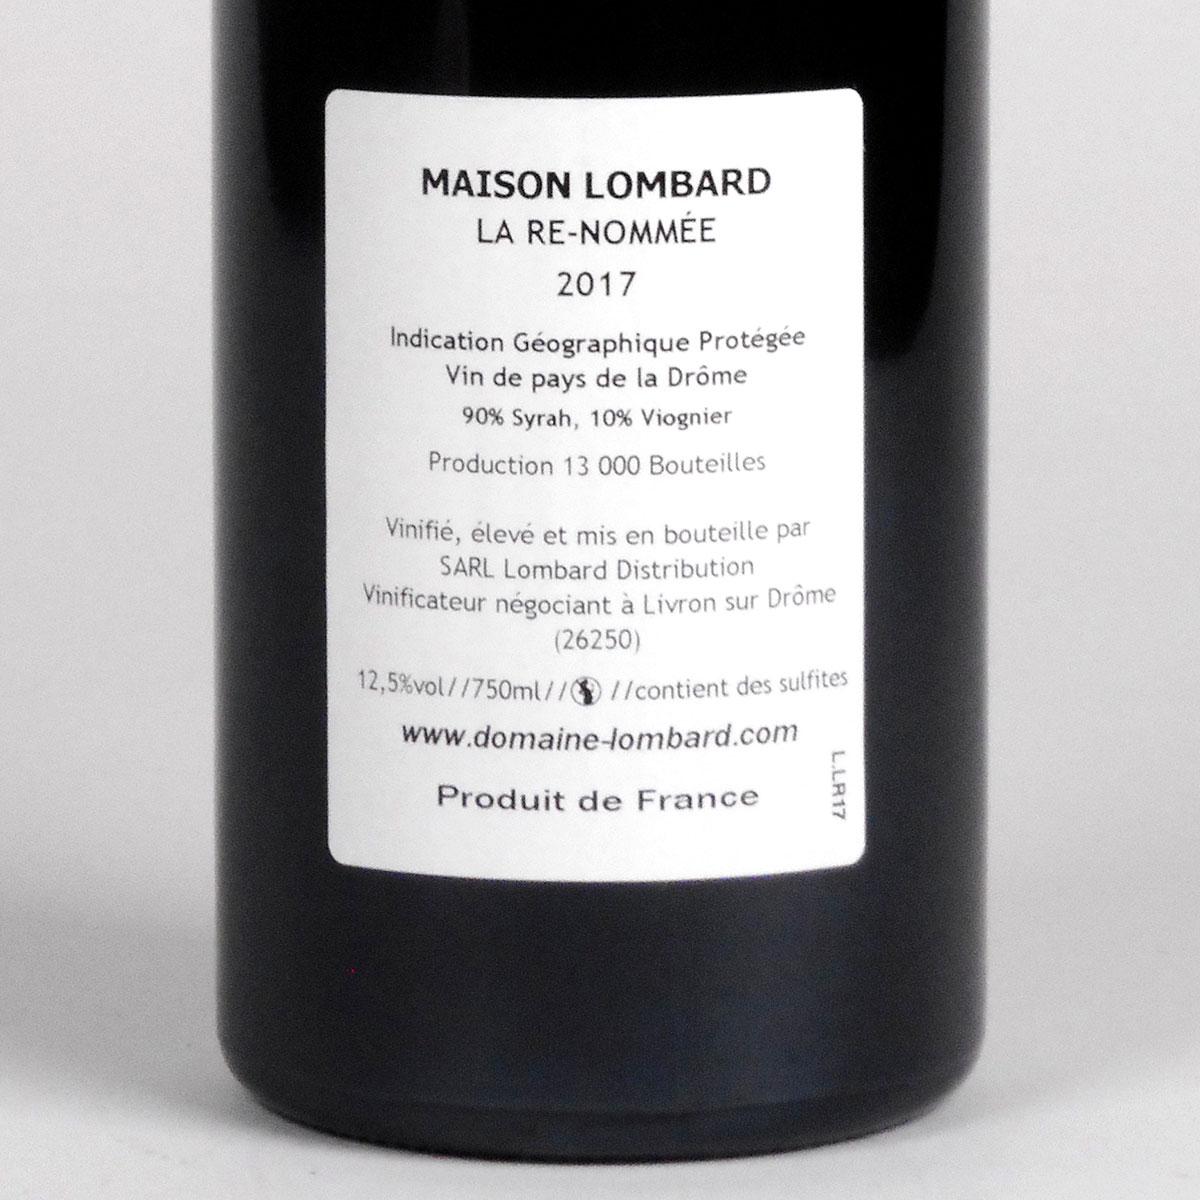 IGP Vin de Pays de la Drôme: Domaine Lombard 'La Re-Nommée' 2017 - Bottle Rear Label